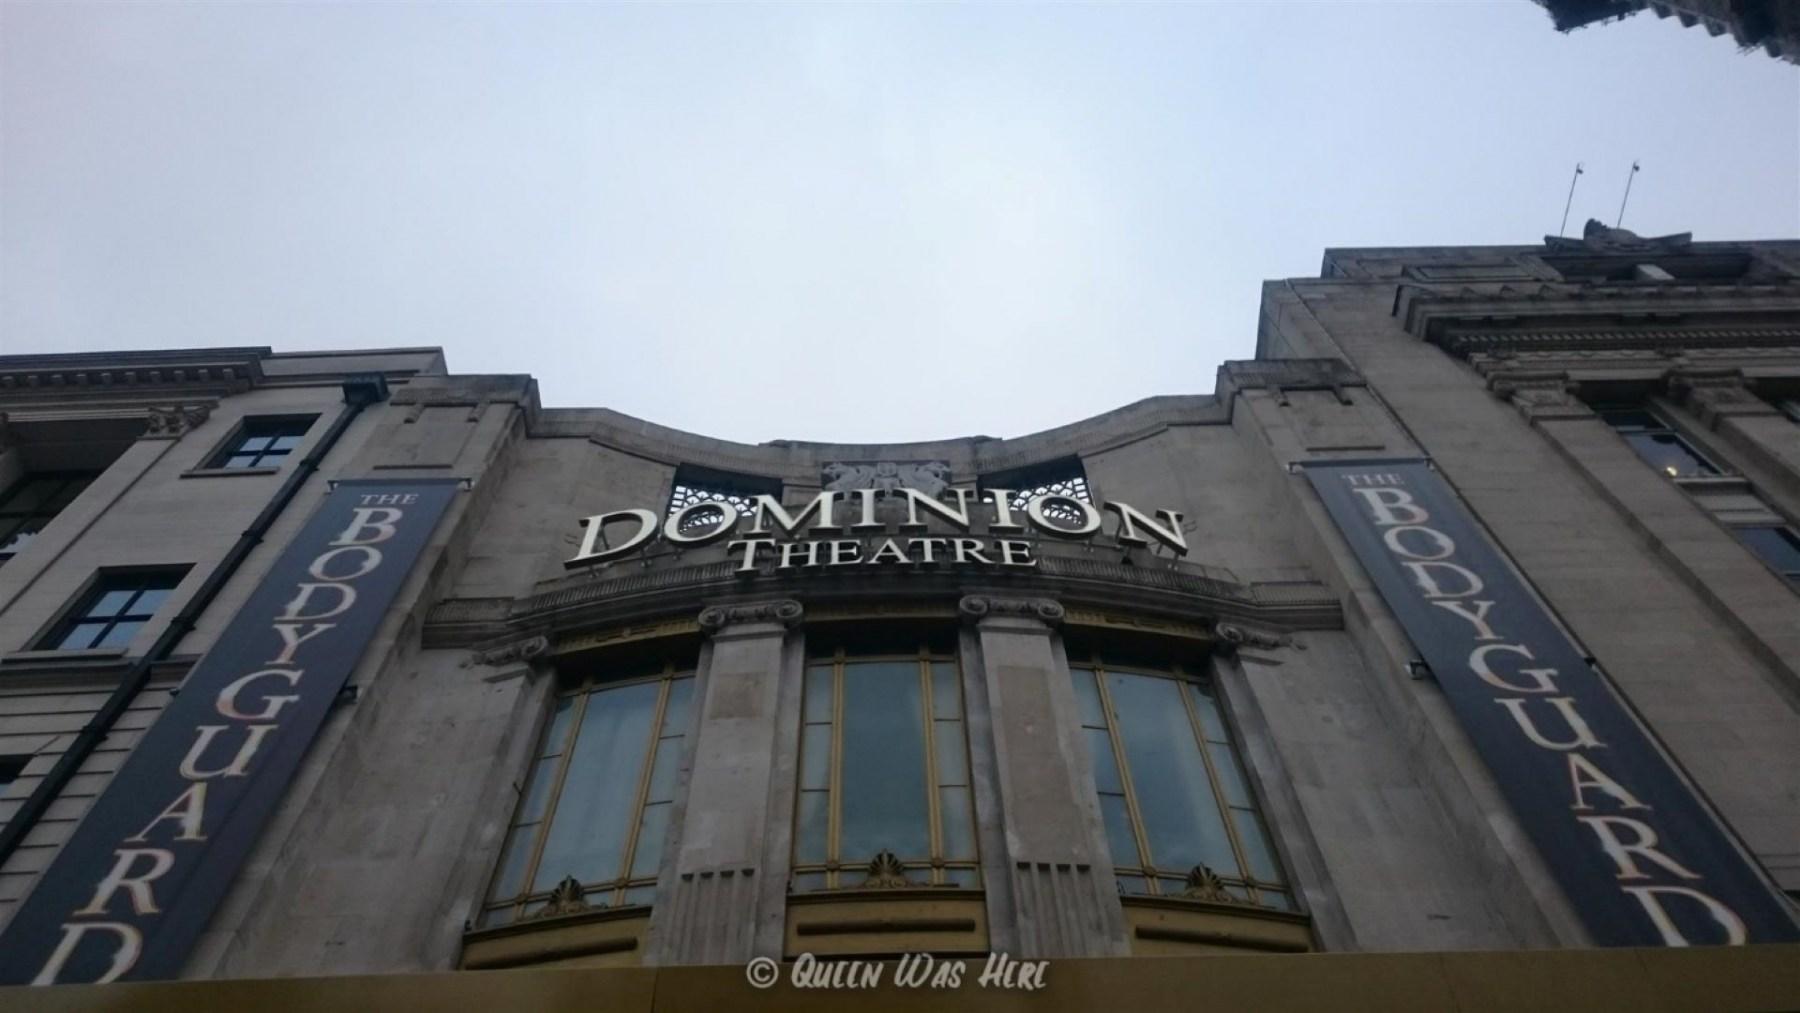 dominion-theatre-wwry-london-1